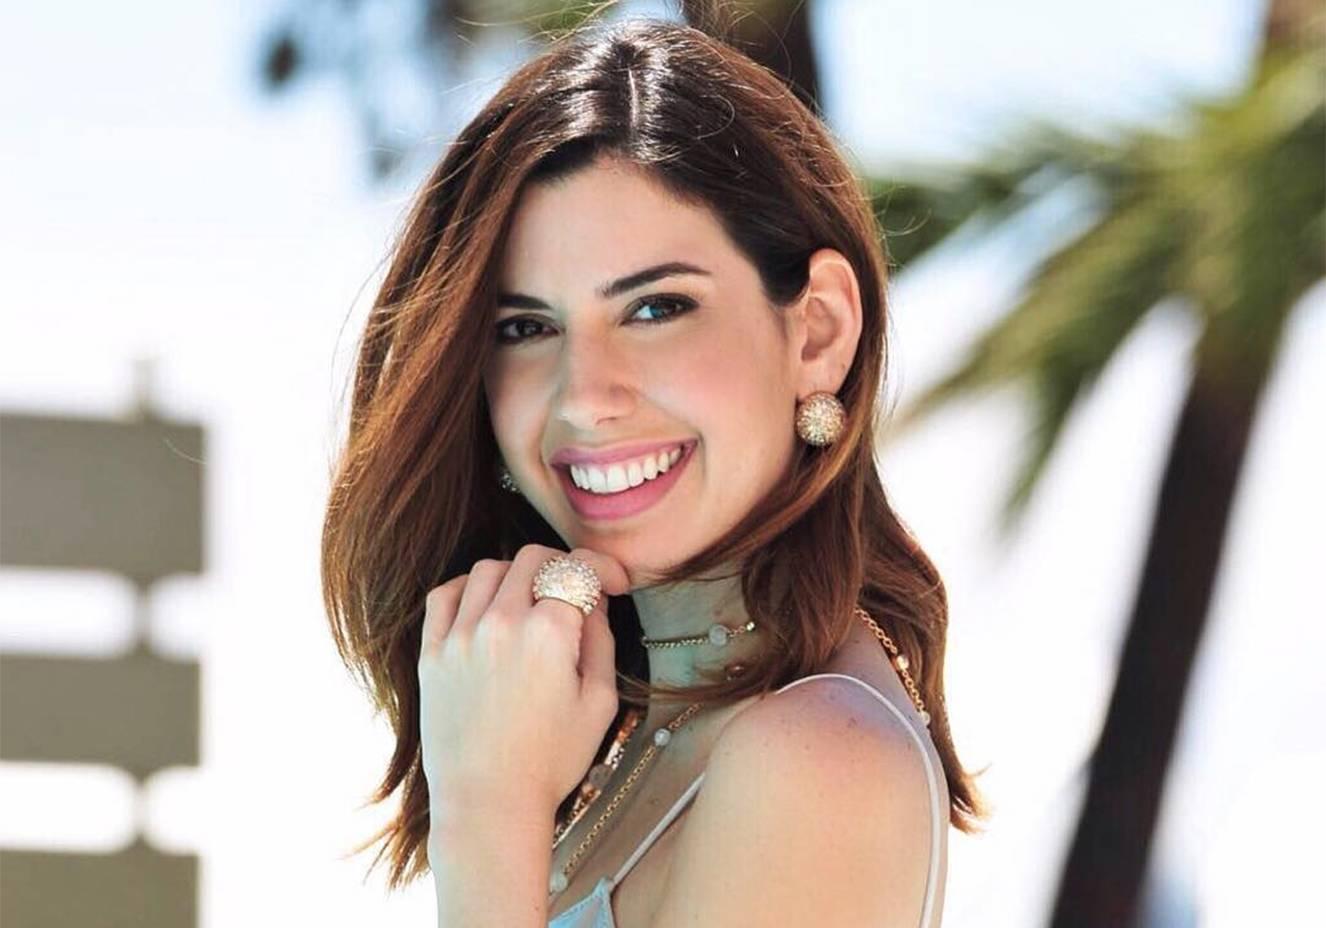 Camila Coutinho, quem é? Biografia, carreira, polêmicas e curiosidades